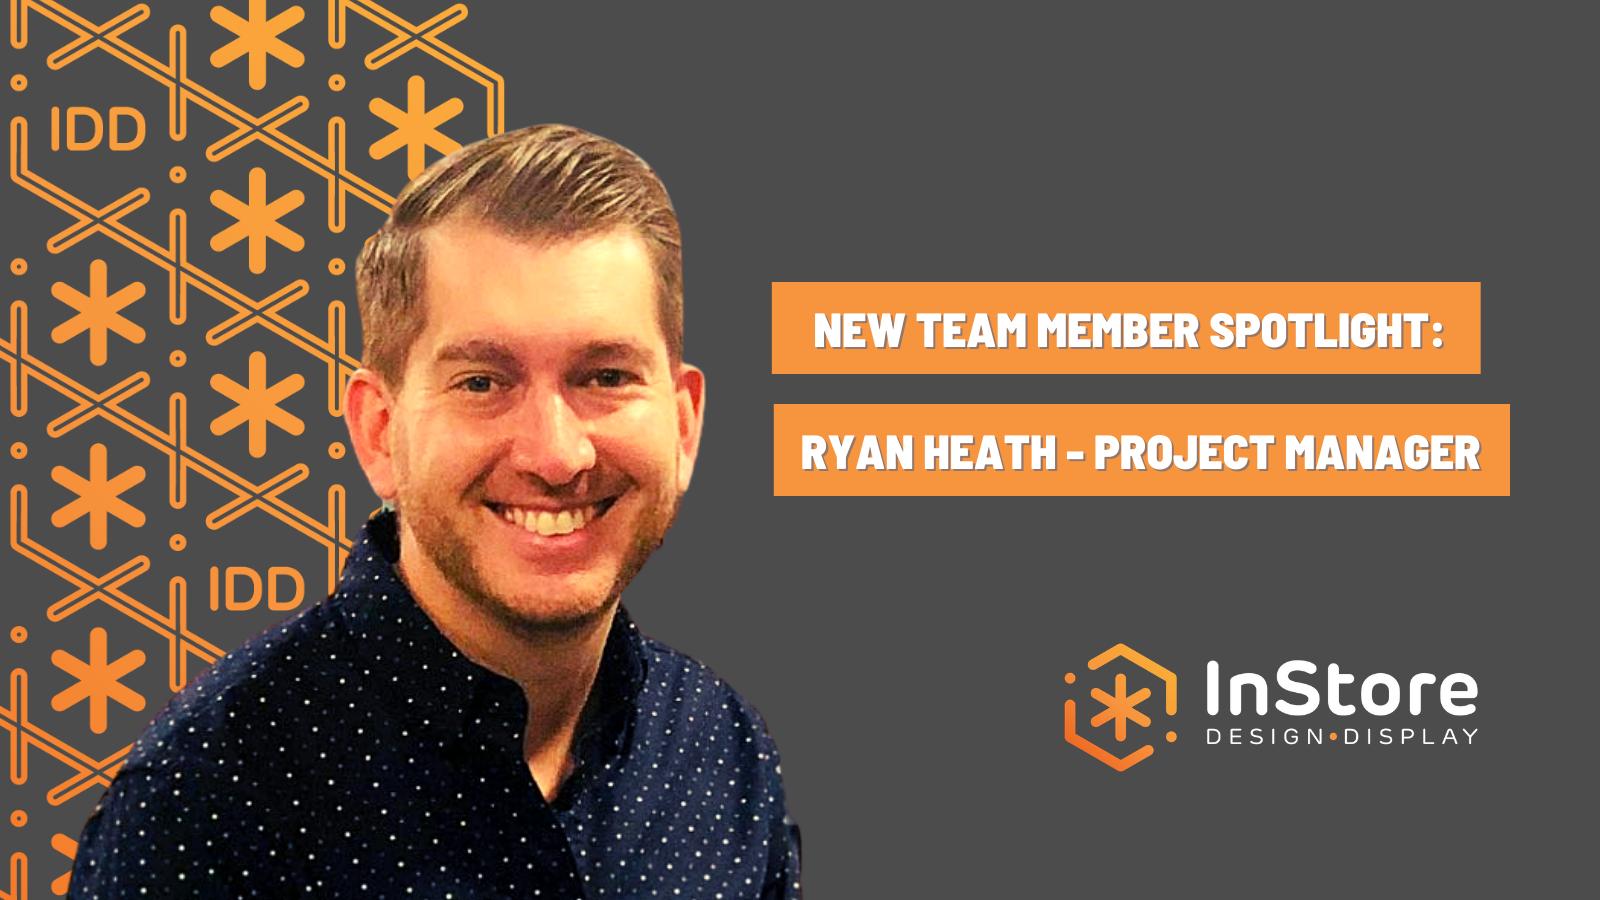 IDD Team Member Spotlight: Ryan Heath